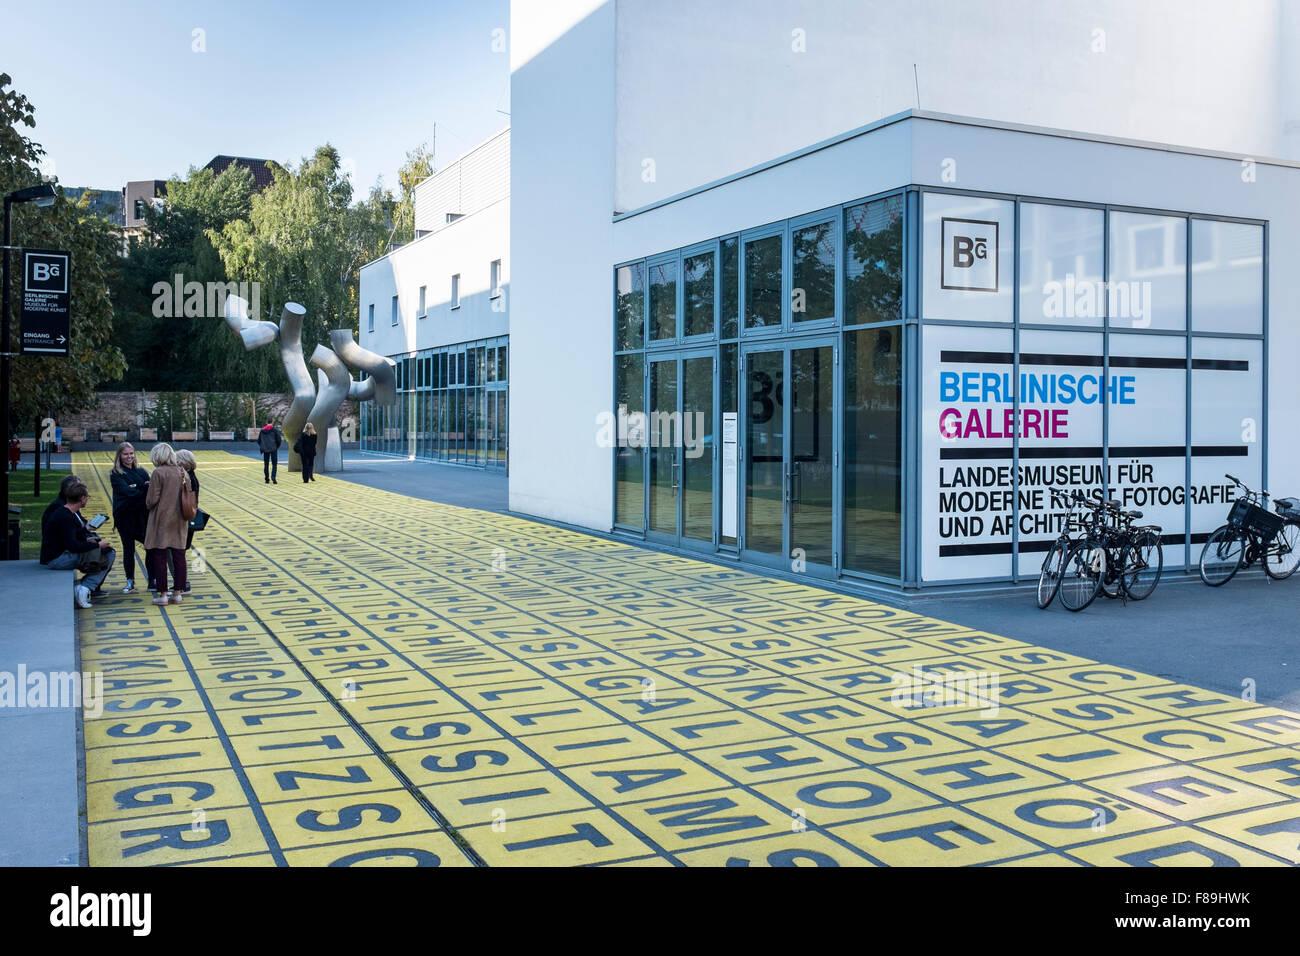 Berlinische Galerie, Berlin, Germany Stock Photo